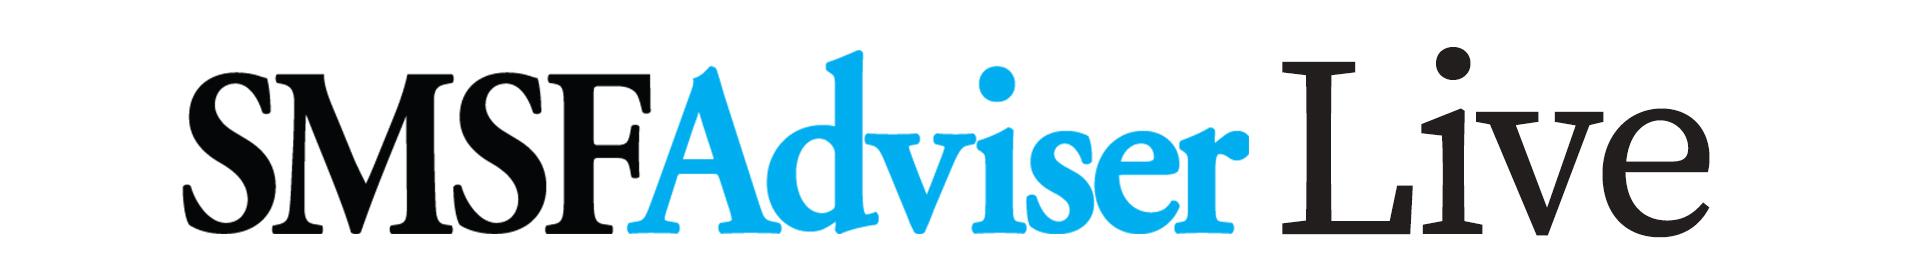 smsf live logo